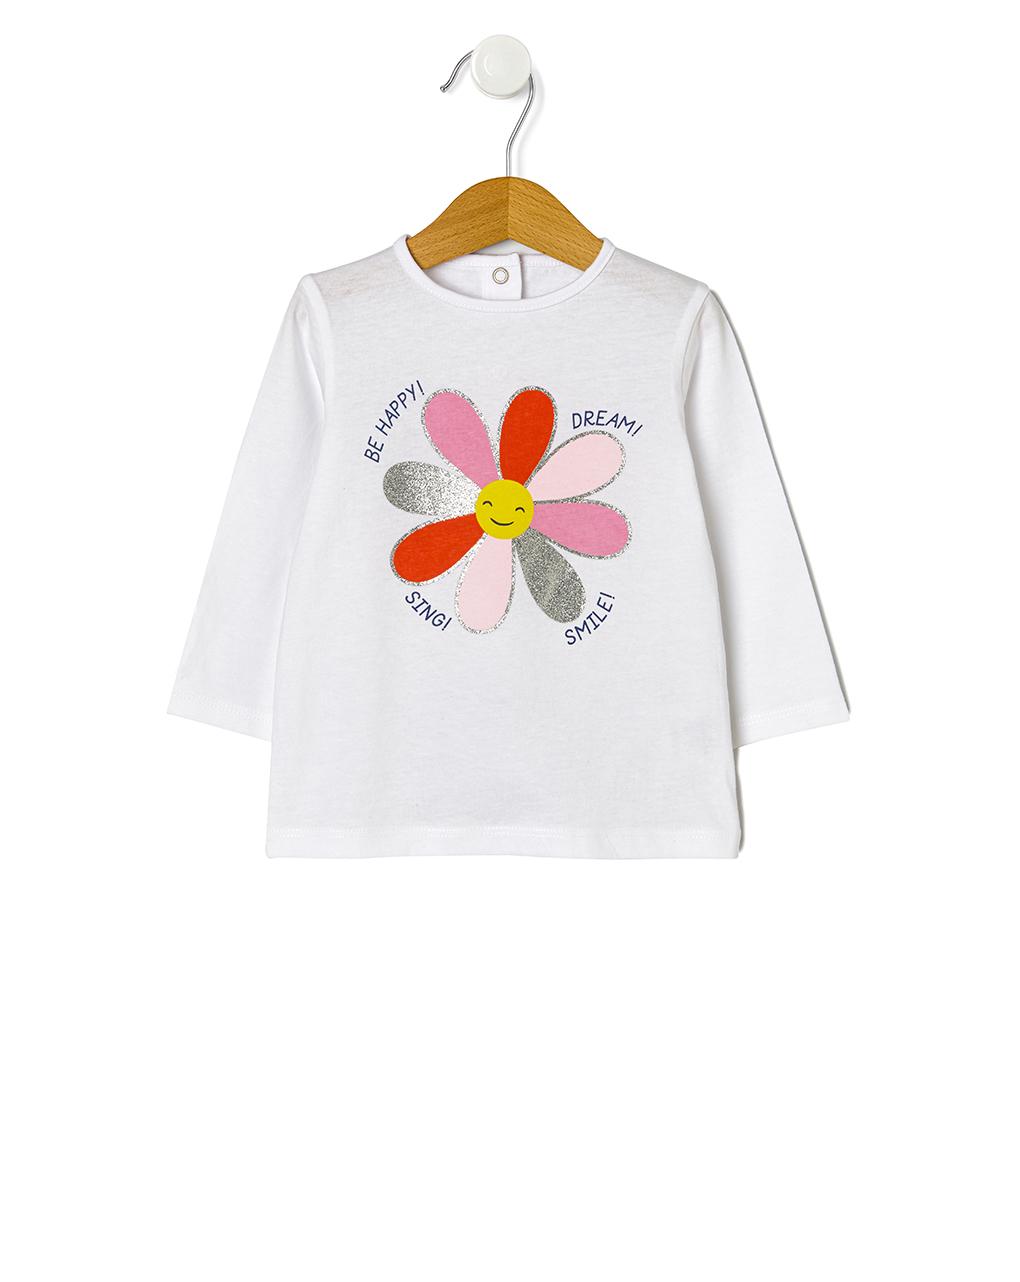 Μπλούζα Μακρυμάνικη Jersey Λευκή με Στάμπα για Κορίτσι